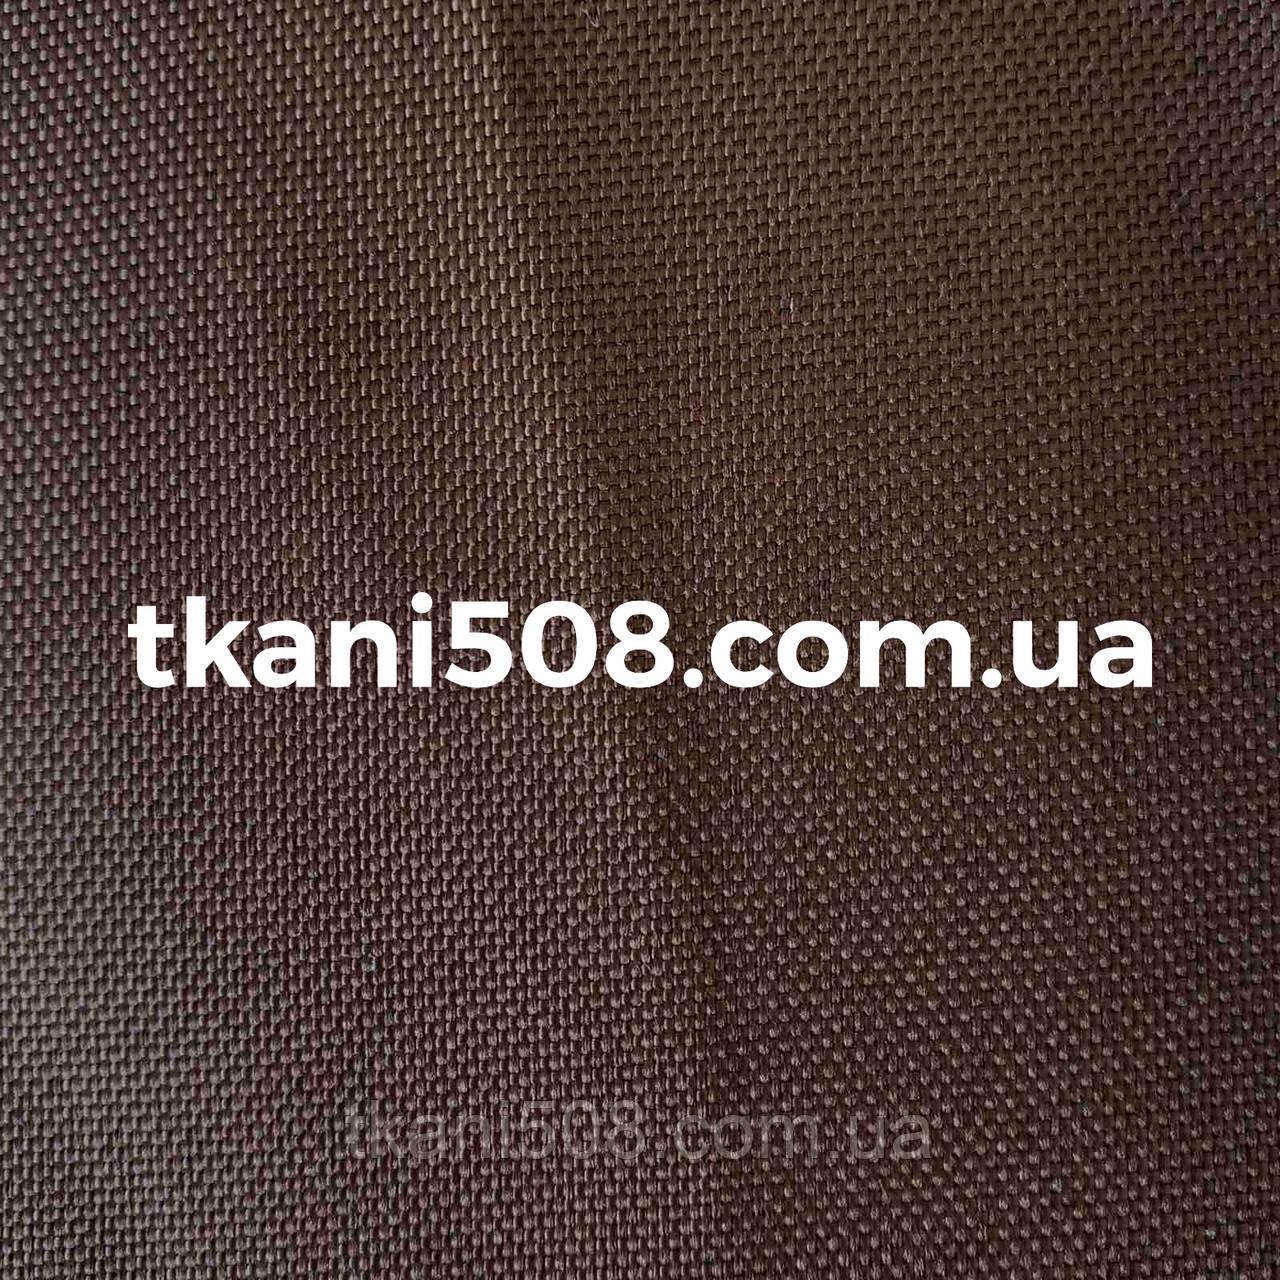 Палаточная ткань Коричневый